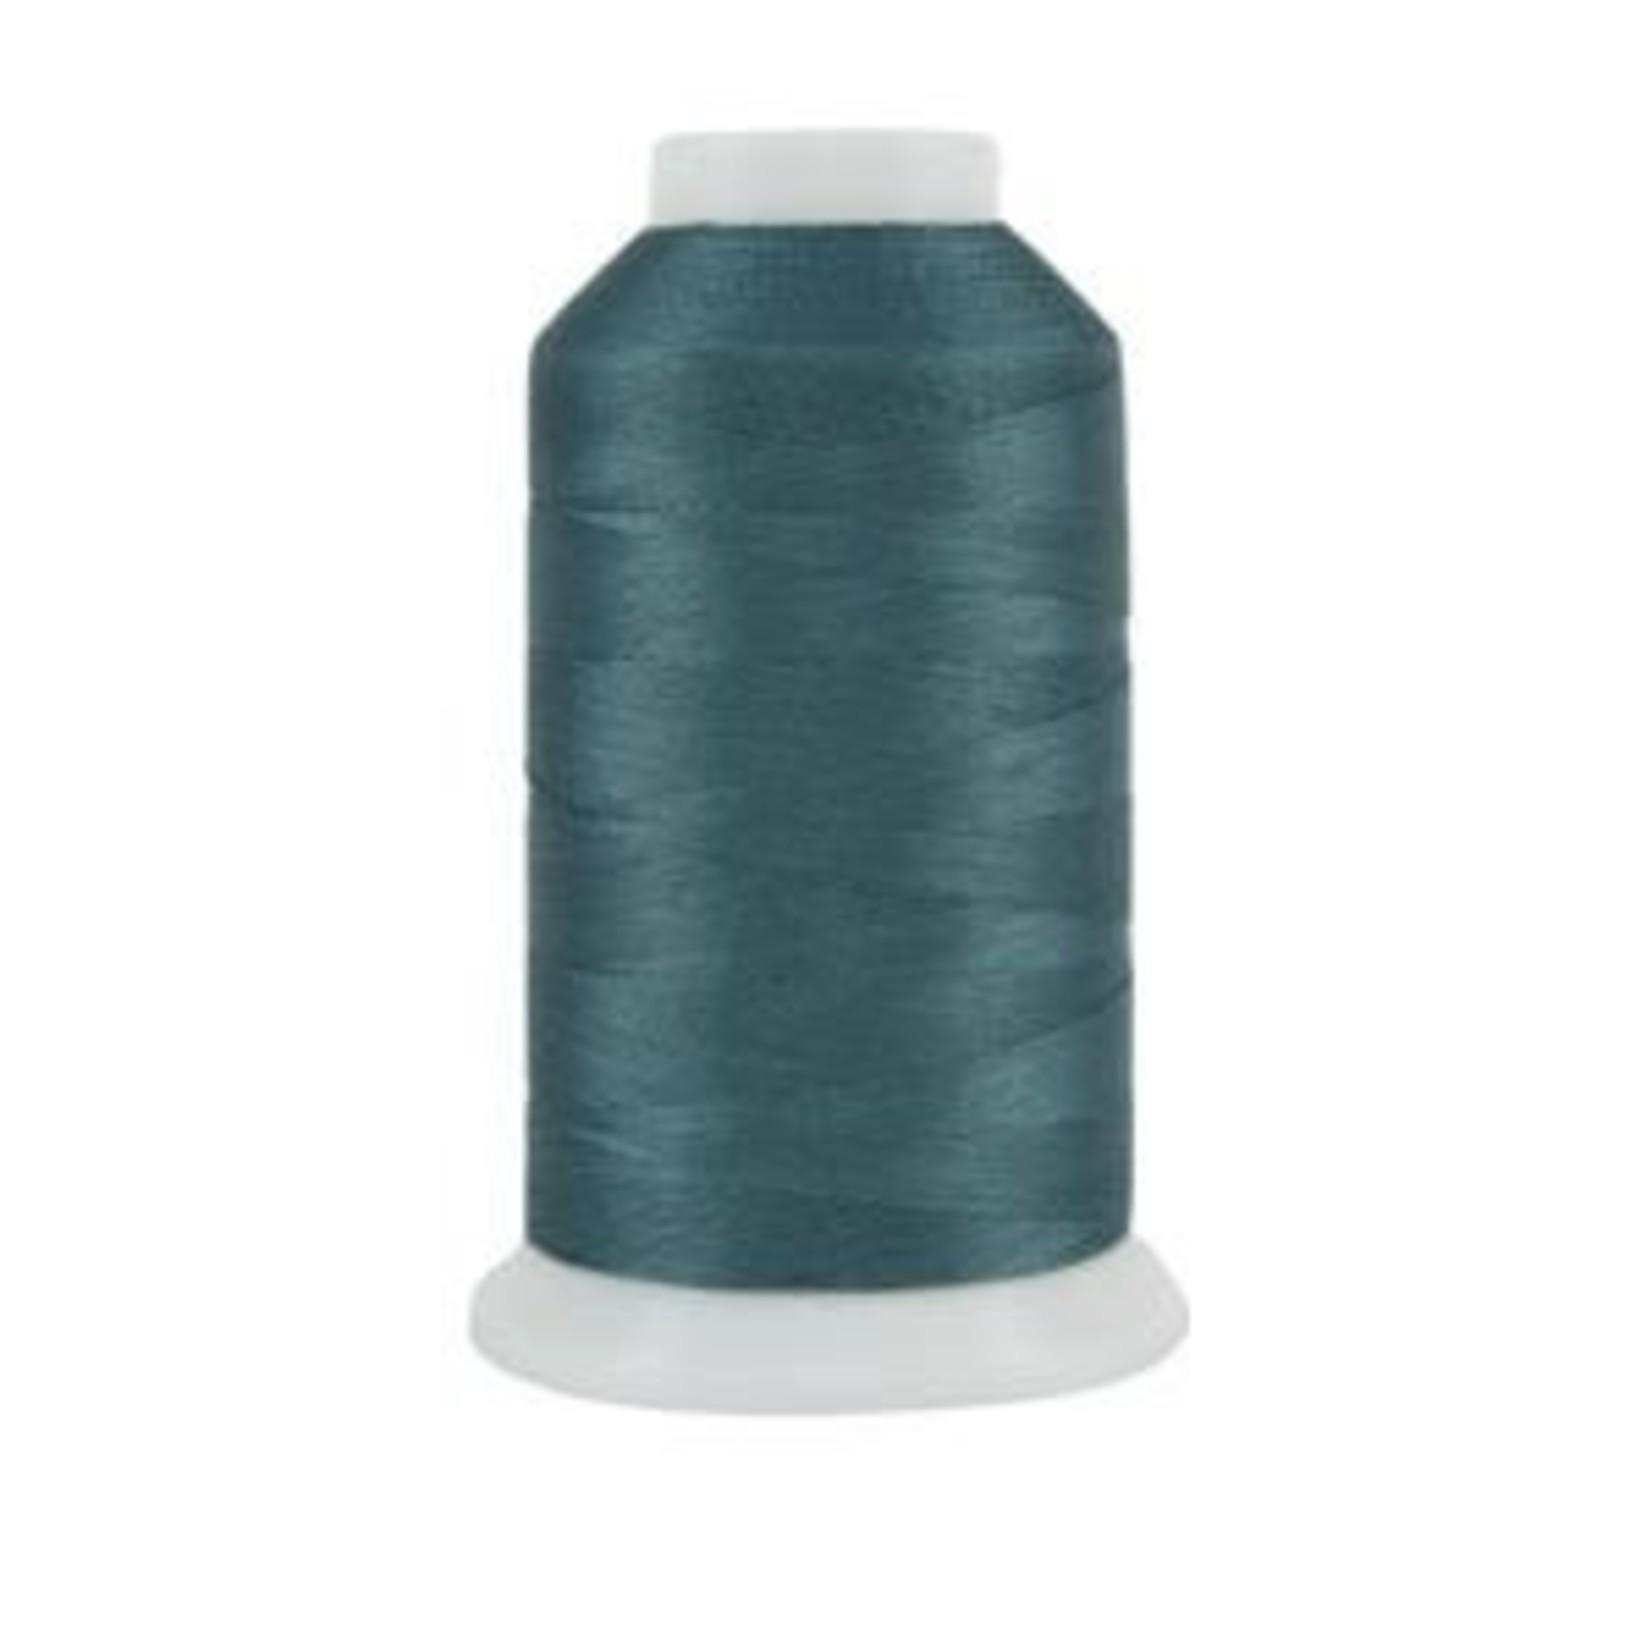 Superior Threads King Tut - #40 - 1828 m - 1026 Equinox